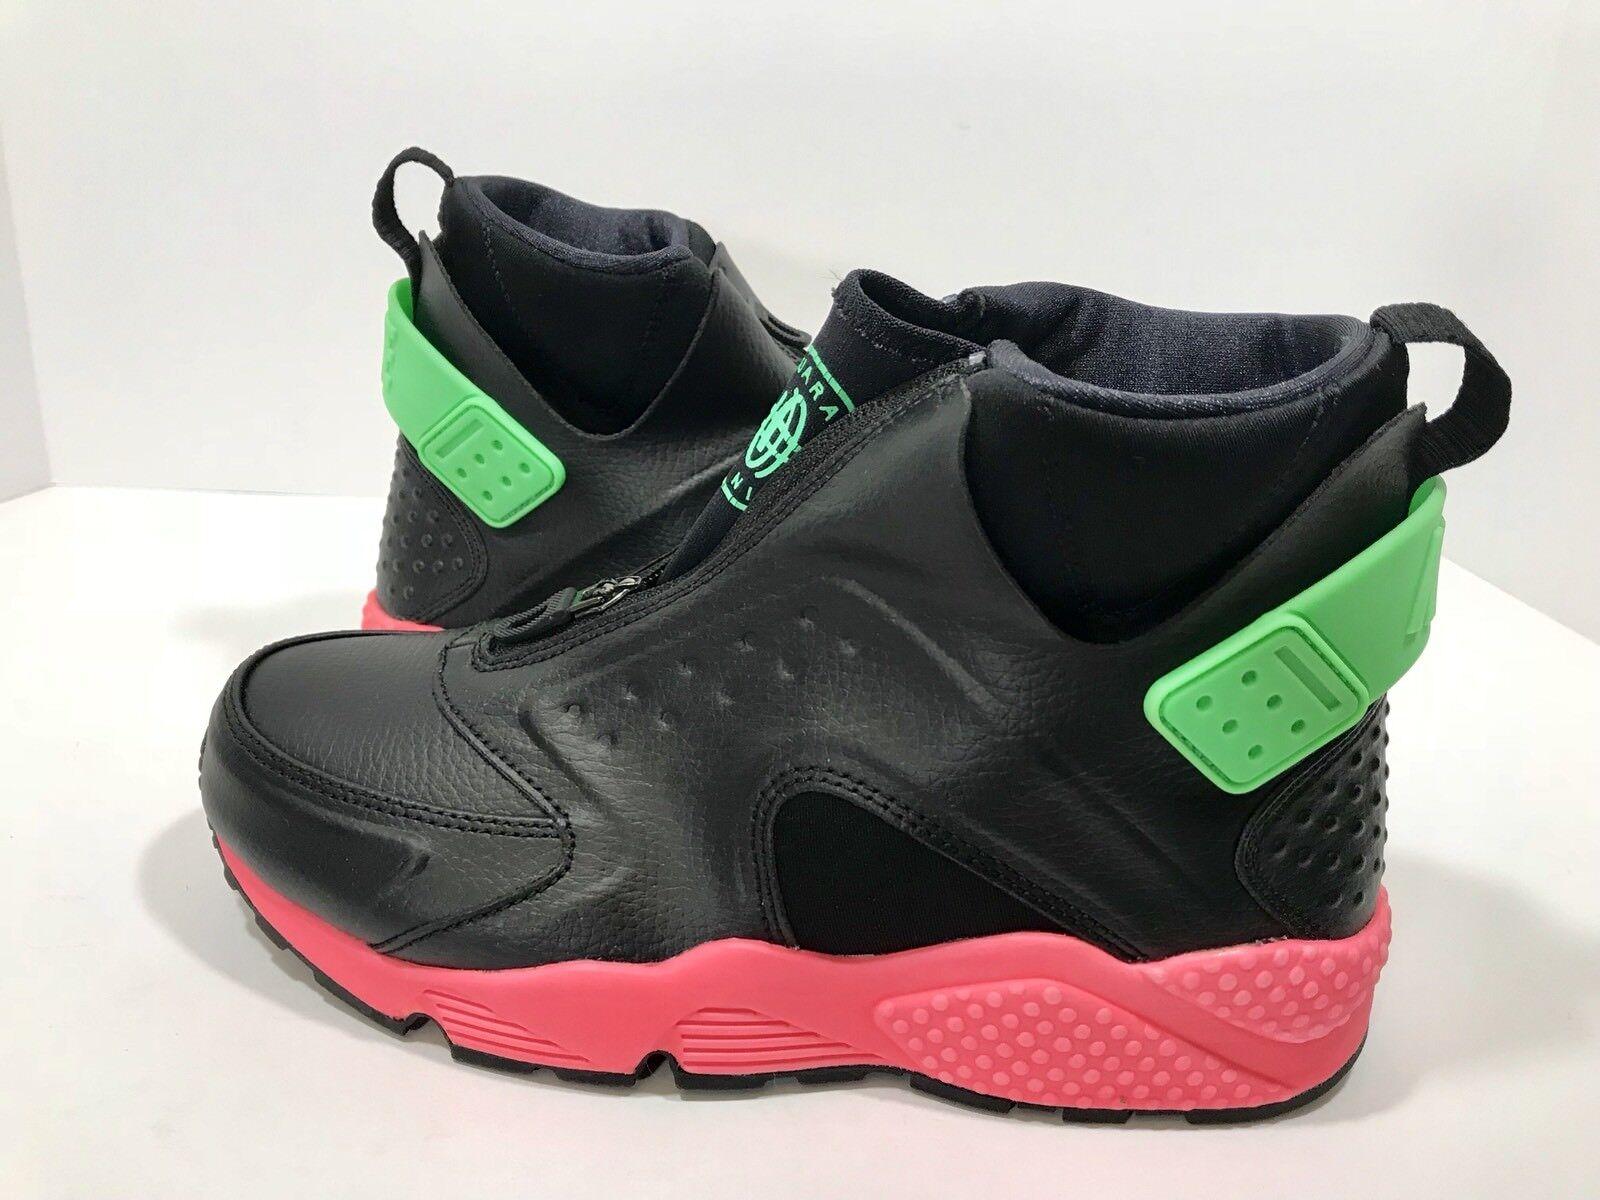 New  Nike Air Huarach Run  Mid nero  Hot Punch donna 65533;s Dimensione 8 scarpe 807313 -003  marchi di moda